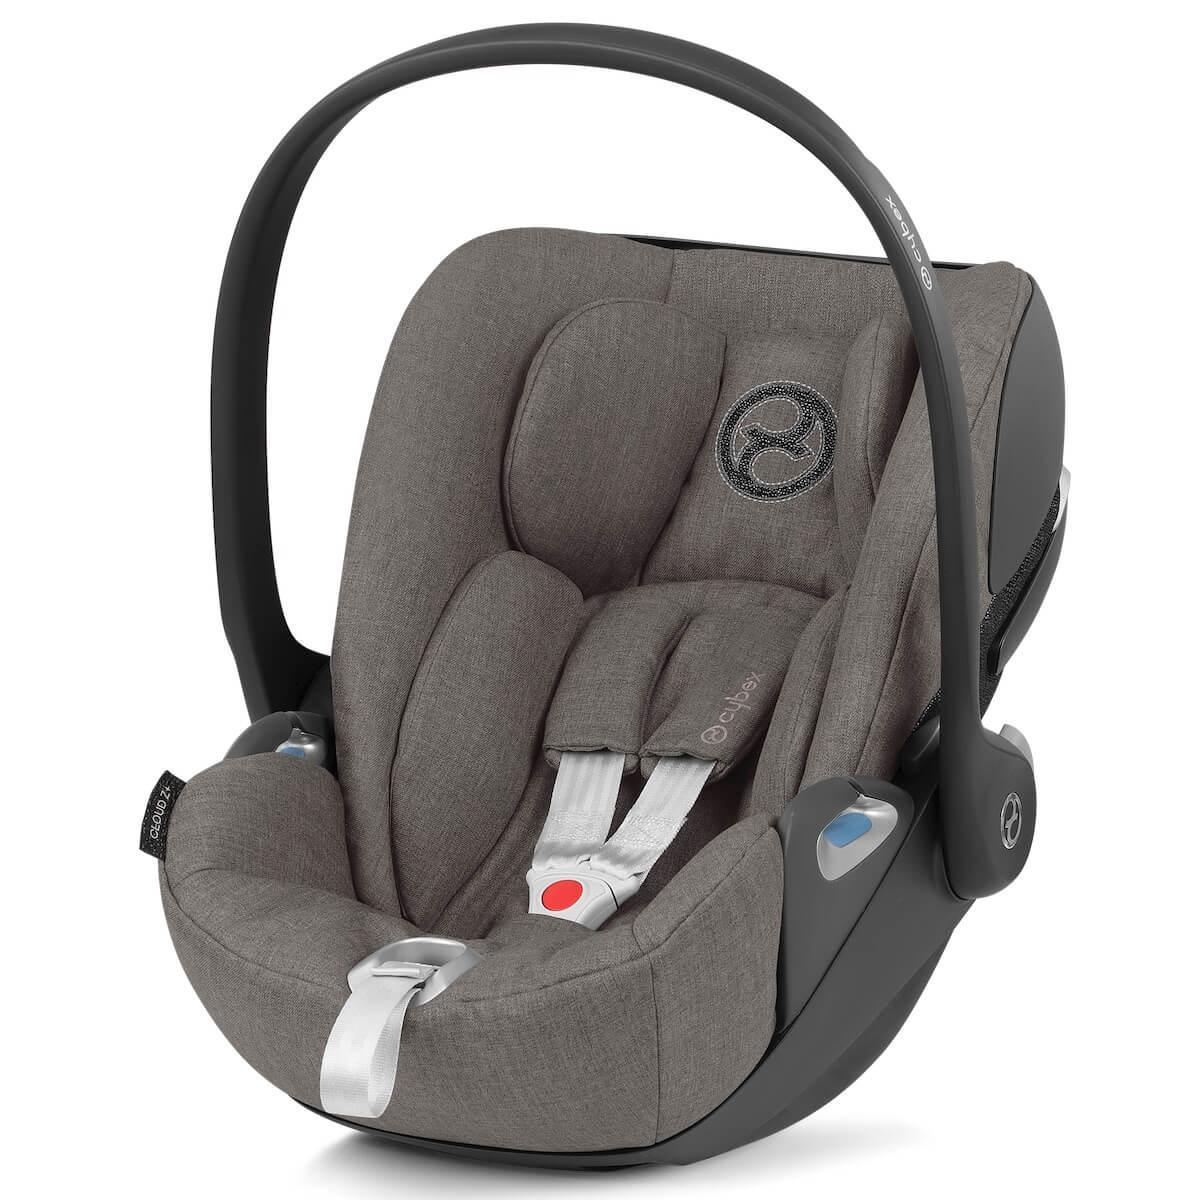 Silla auto 0+ CLOUD Z I-SIZE PLUS Cybex Soho grey-mid grey